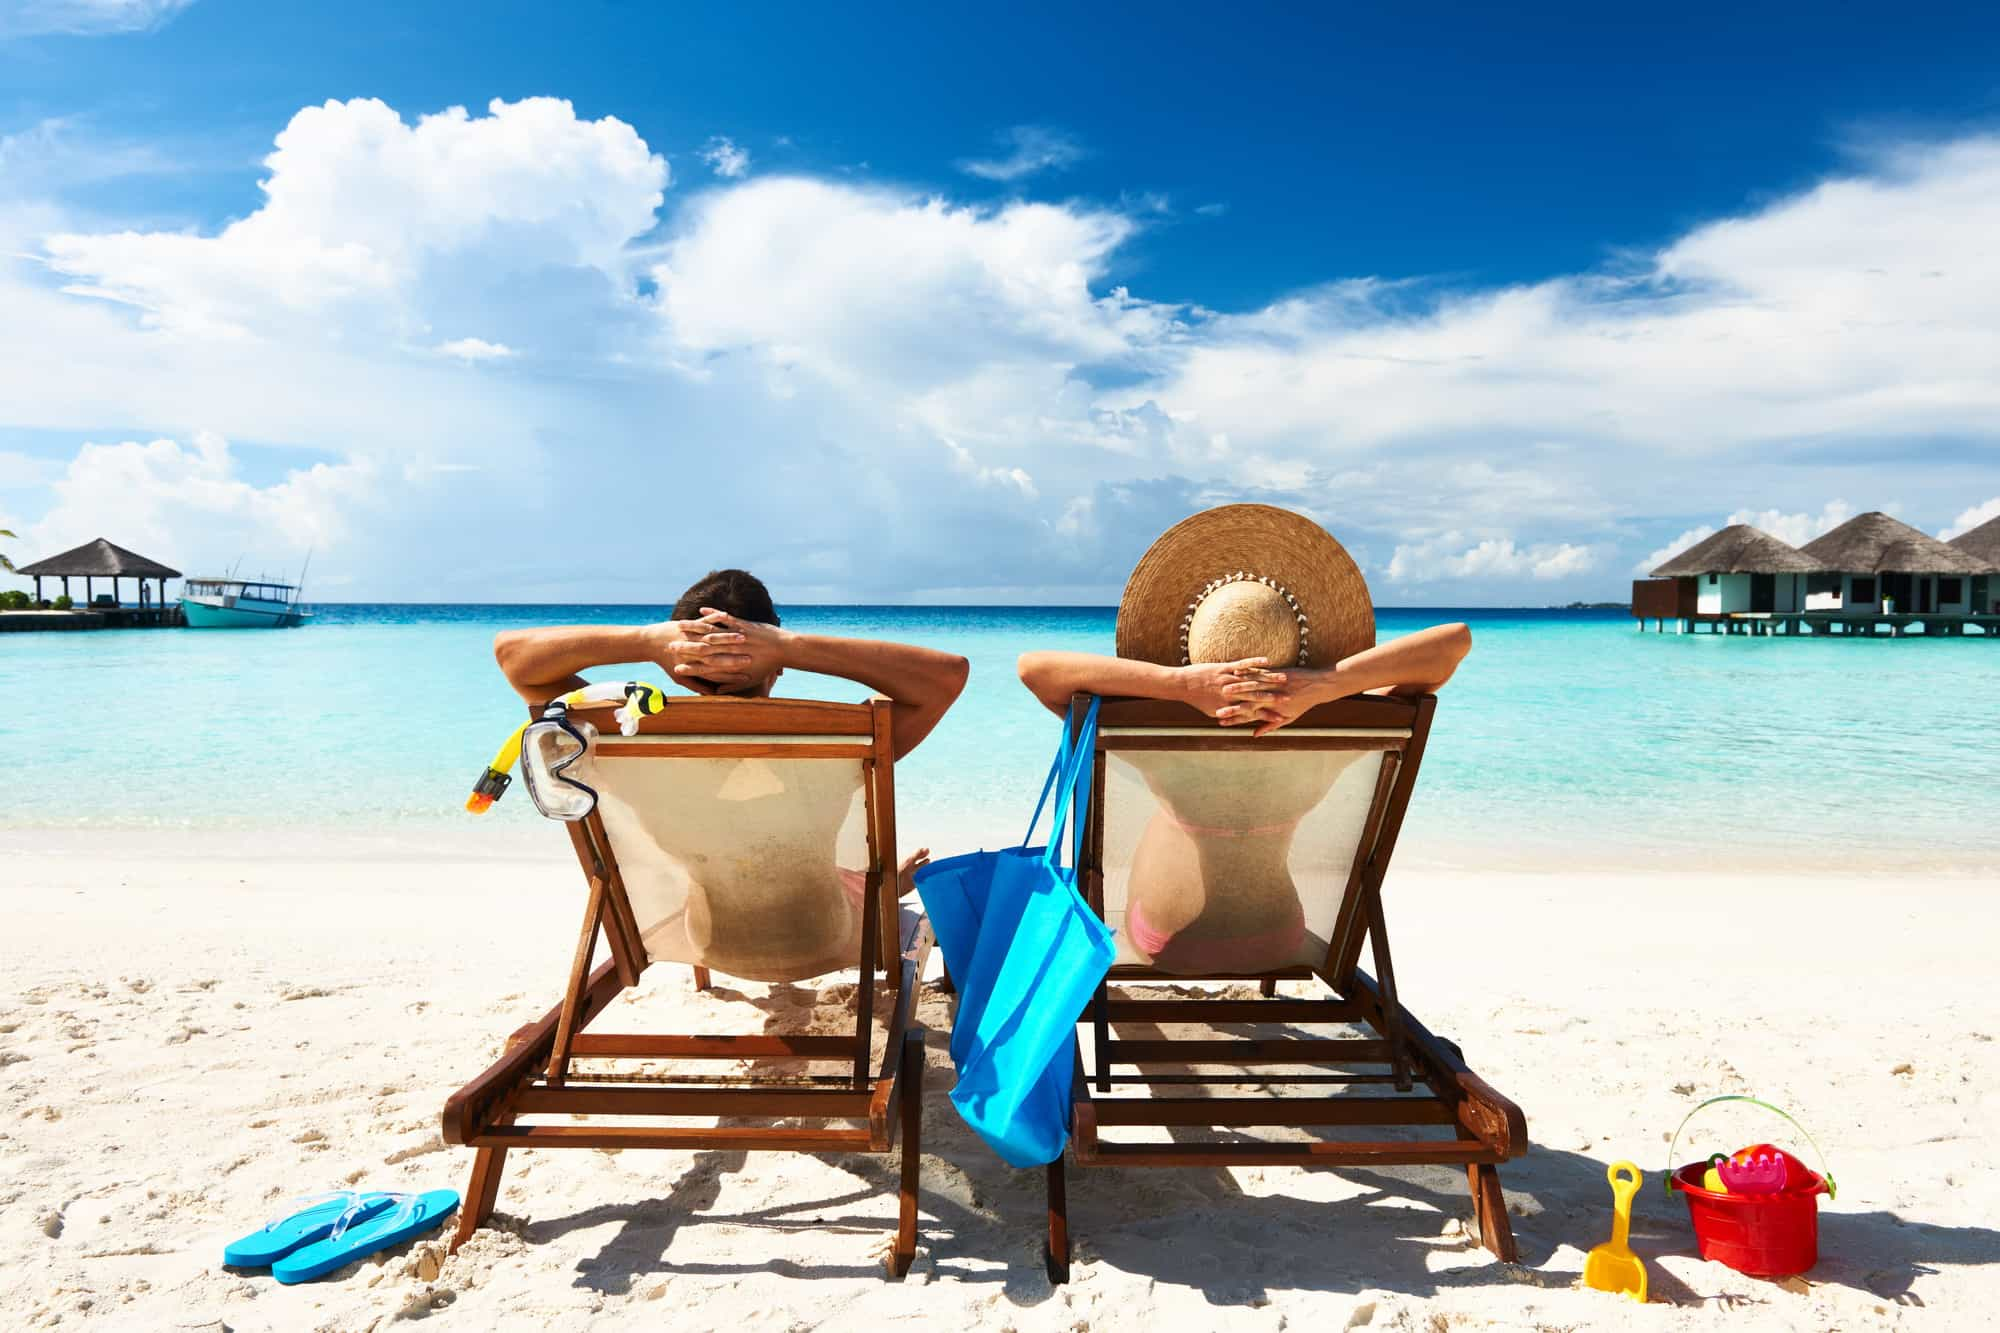 Туризм. виды туризма и формы туристических путешествий